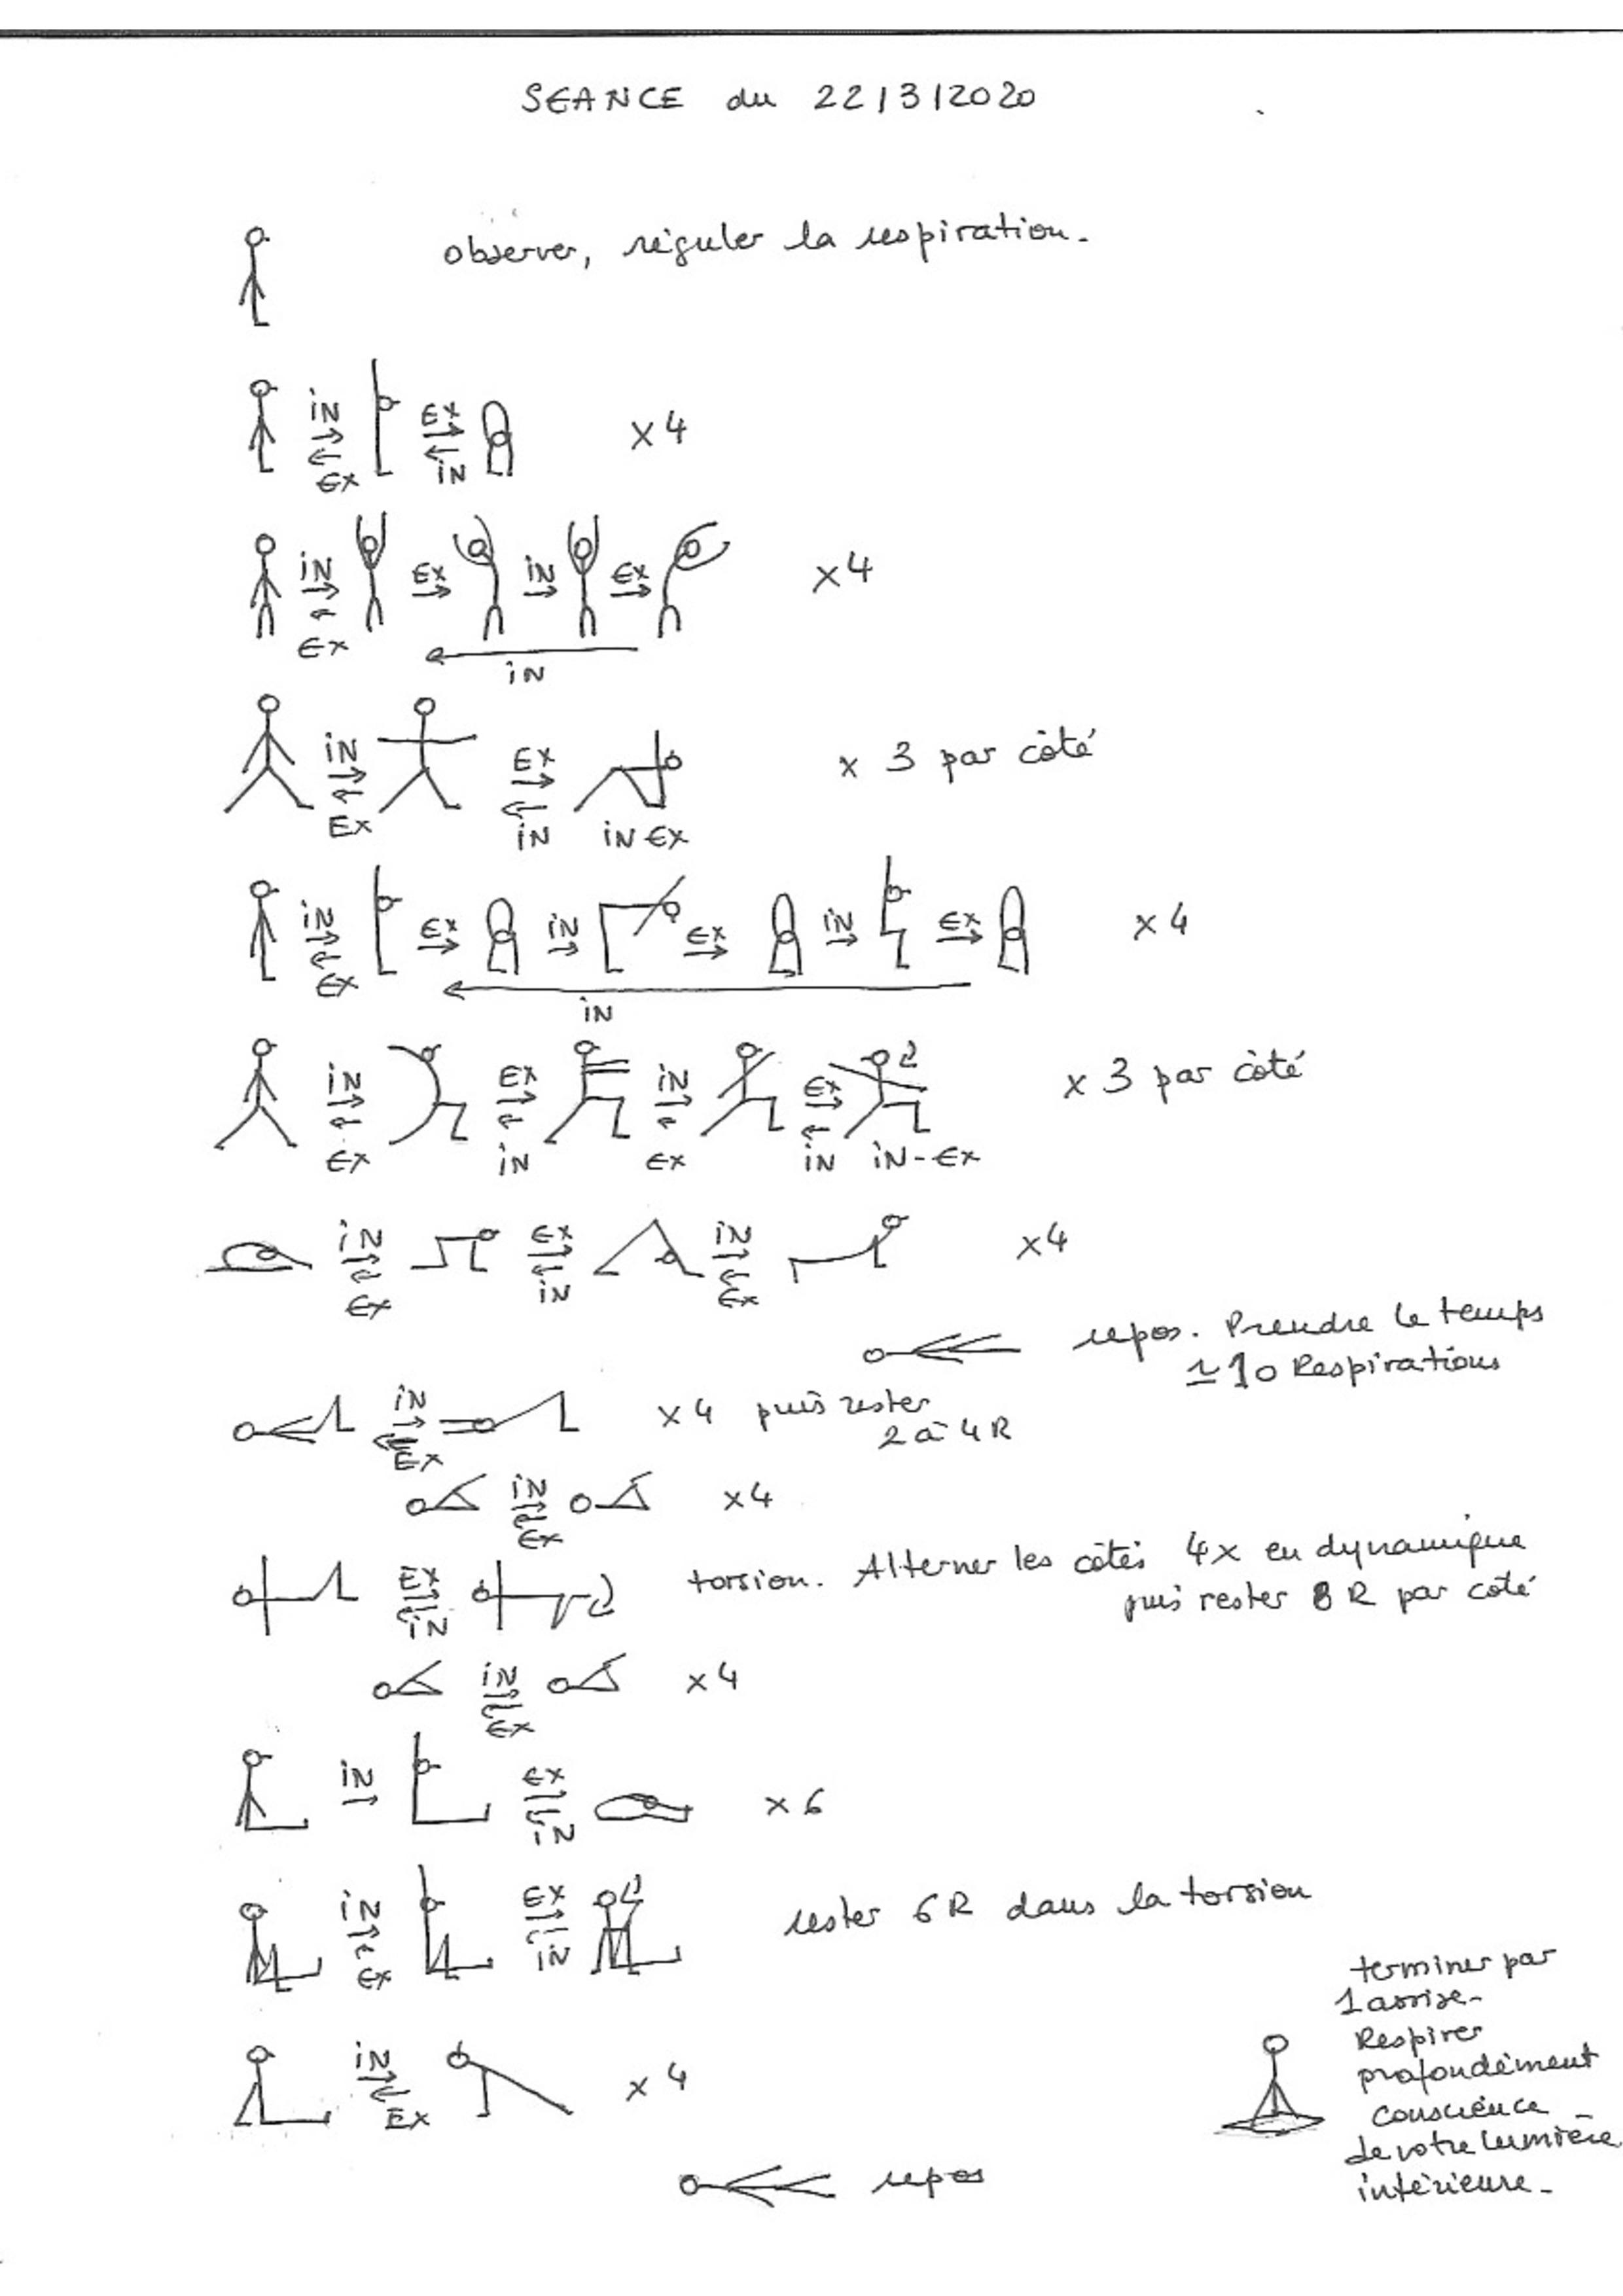 SEANCE DU 22_3_2020-page-0.jpg